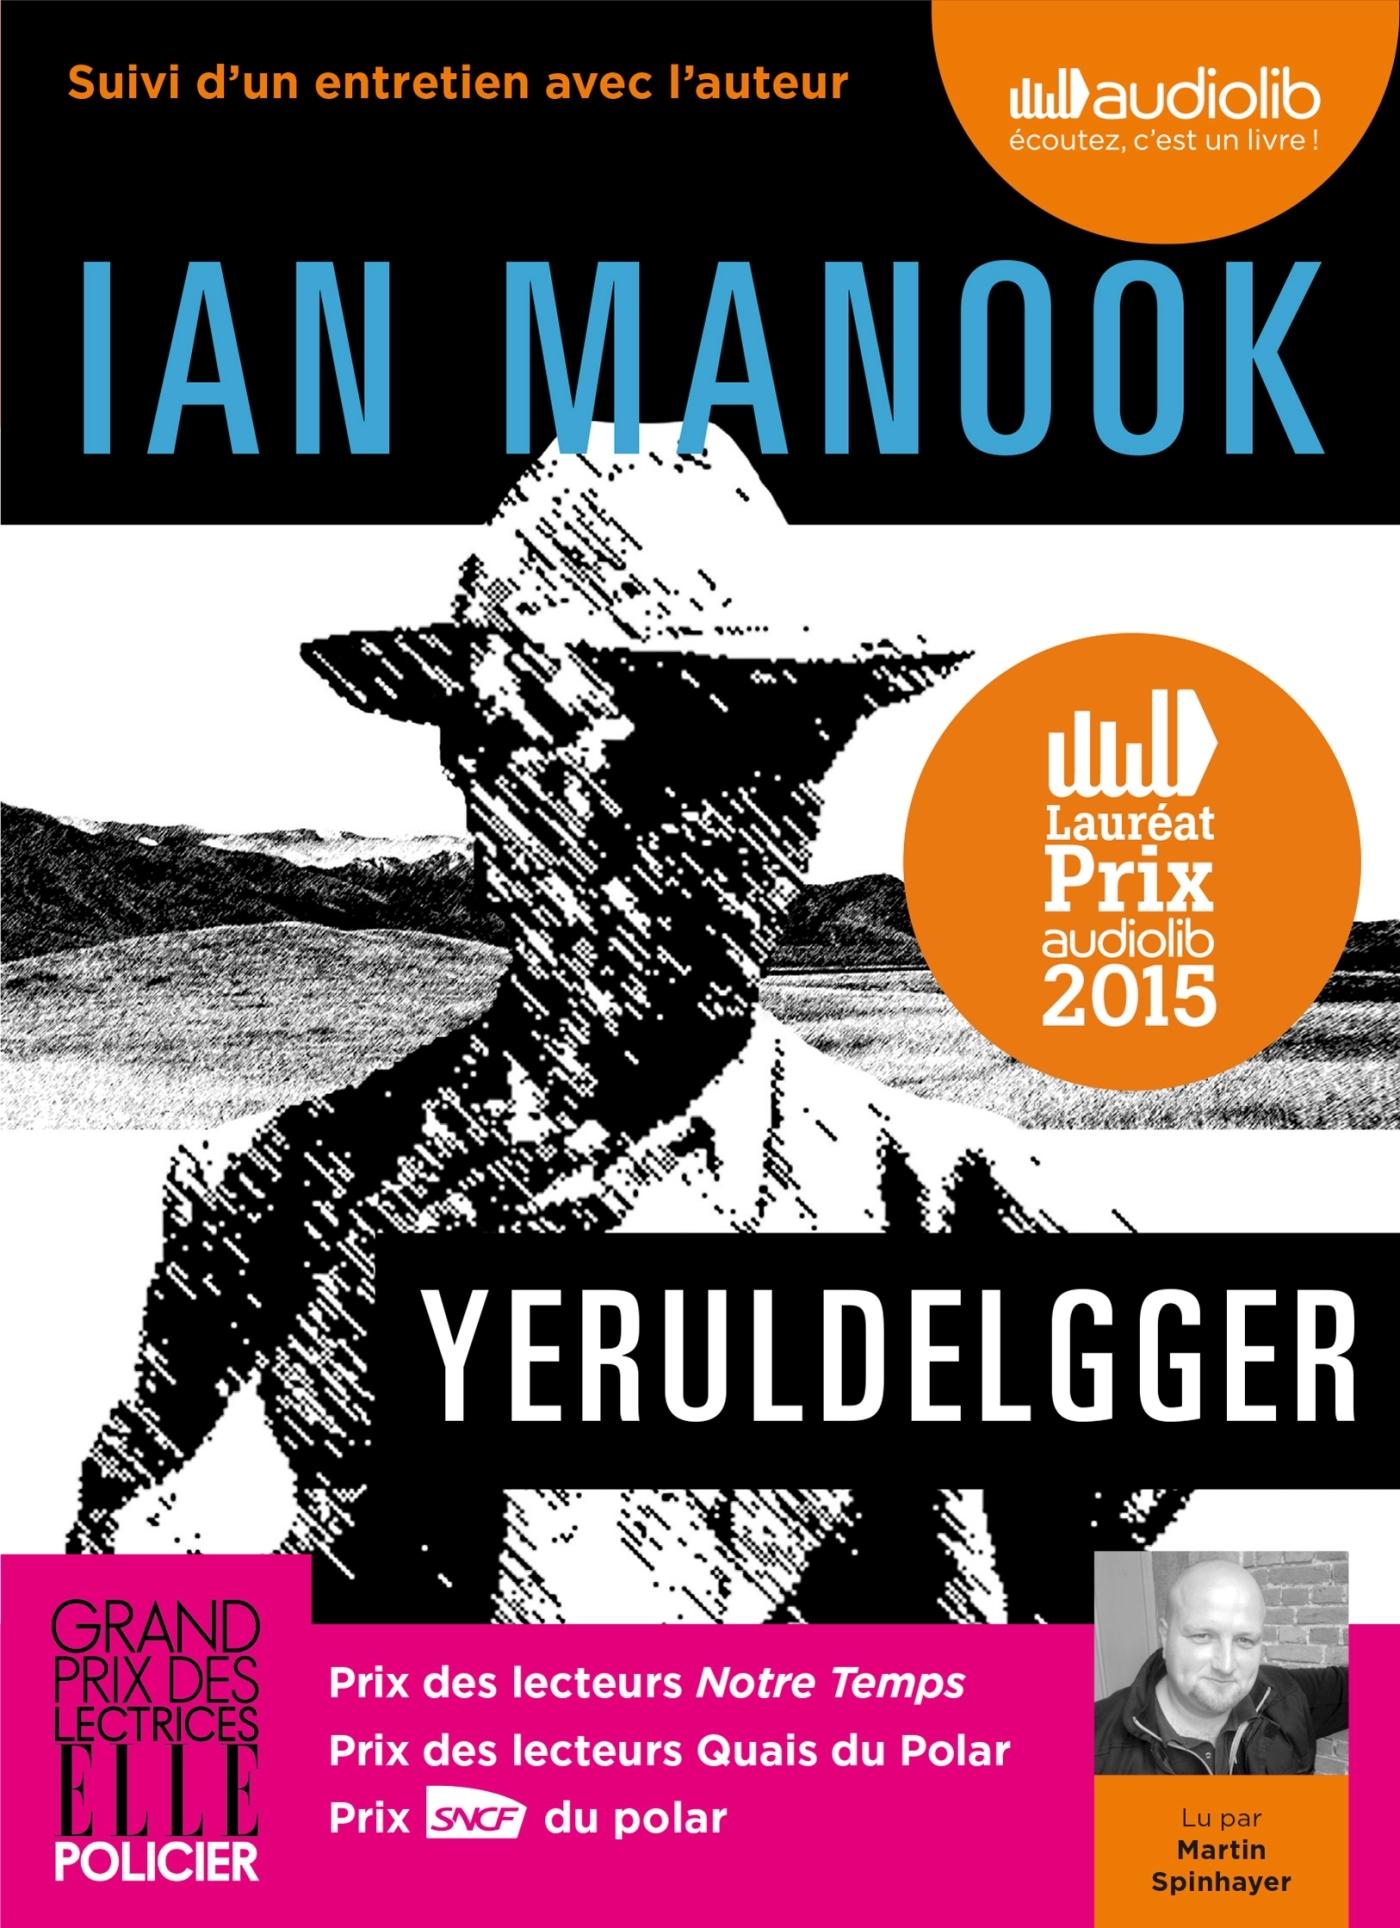 YERULDELGGER - LIVRE AUDIO 2 CD MP3 - SUIVI D'UN ENTRETIEN AVEC L'AUTEUR